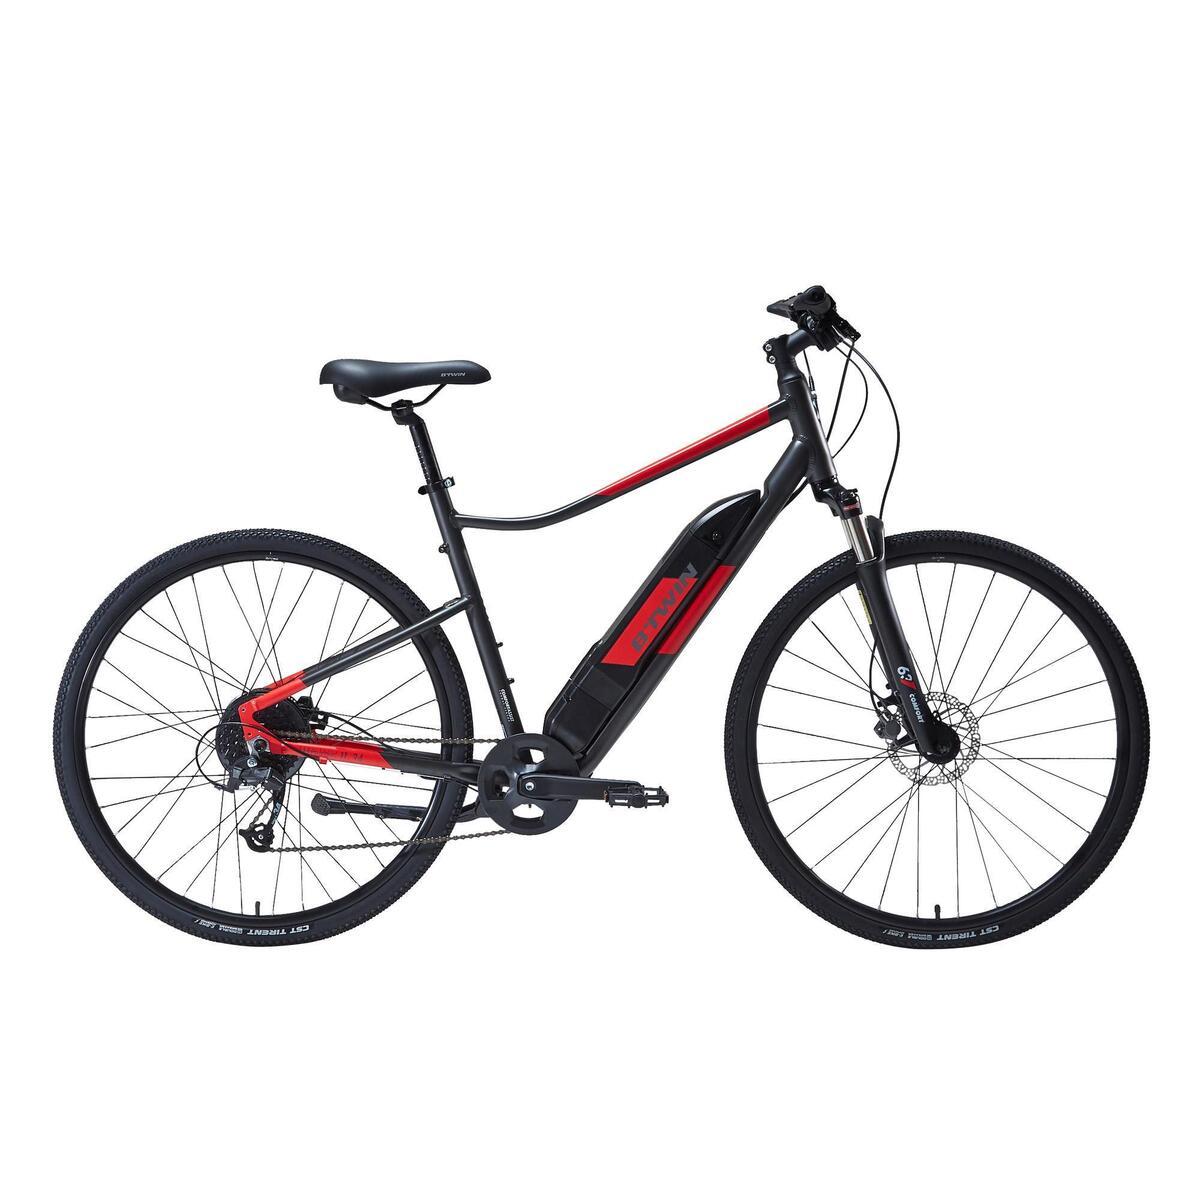 Bild 1 von E-Bike Cross Bike 28 Zoll Riverside 500 E grau/rot